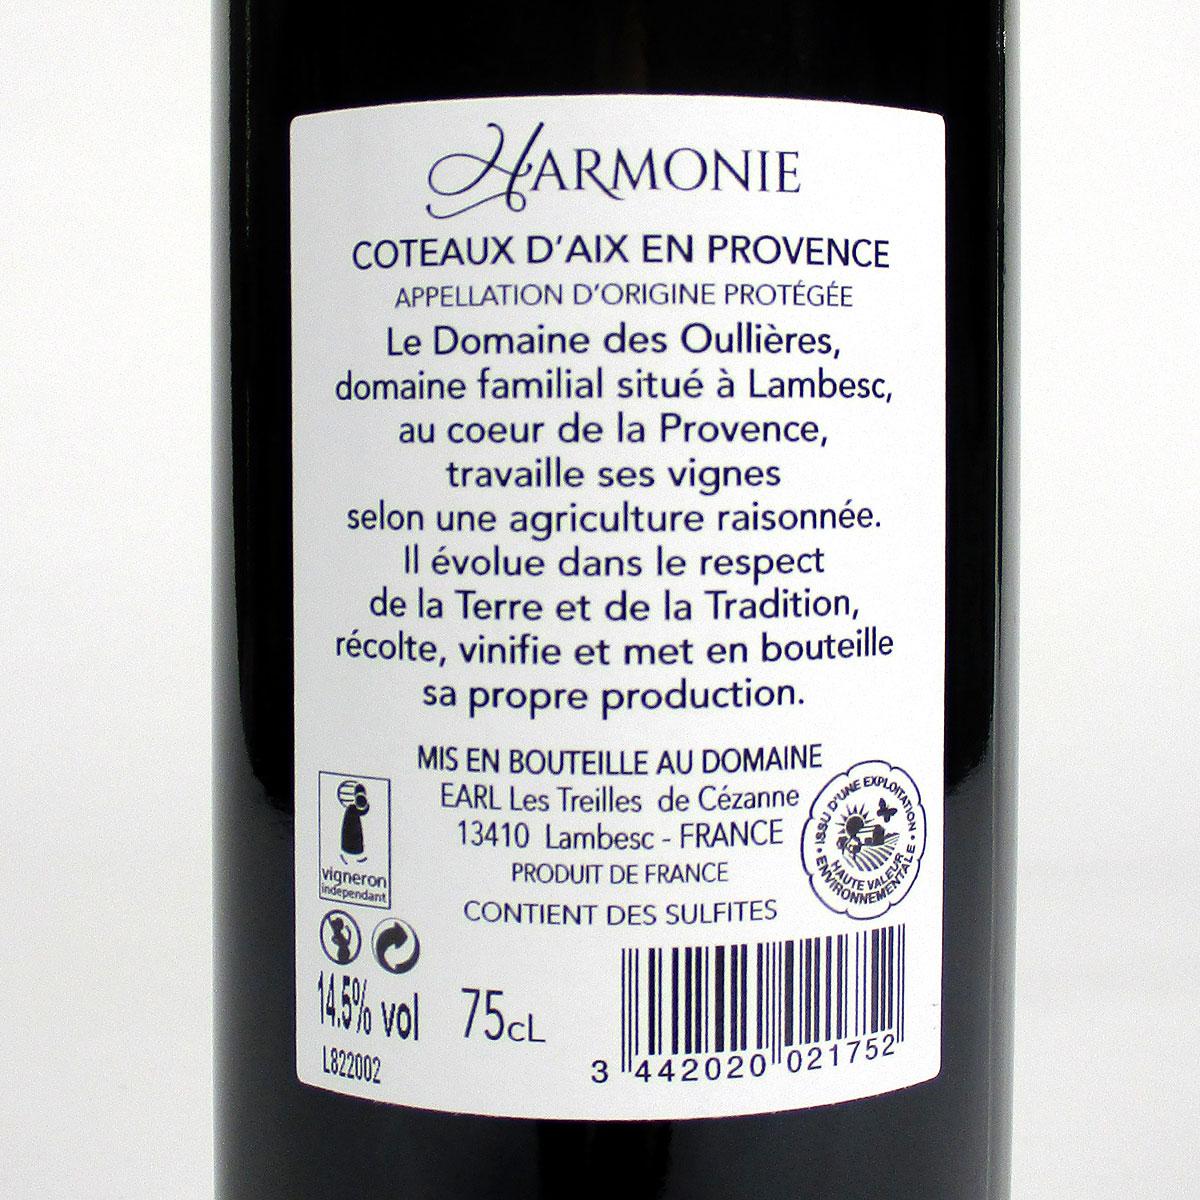 Coteaux d'Aix-en-Provence: Domaine des Oullières Rouge 2018 - Bottle Rear Label